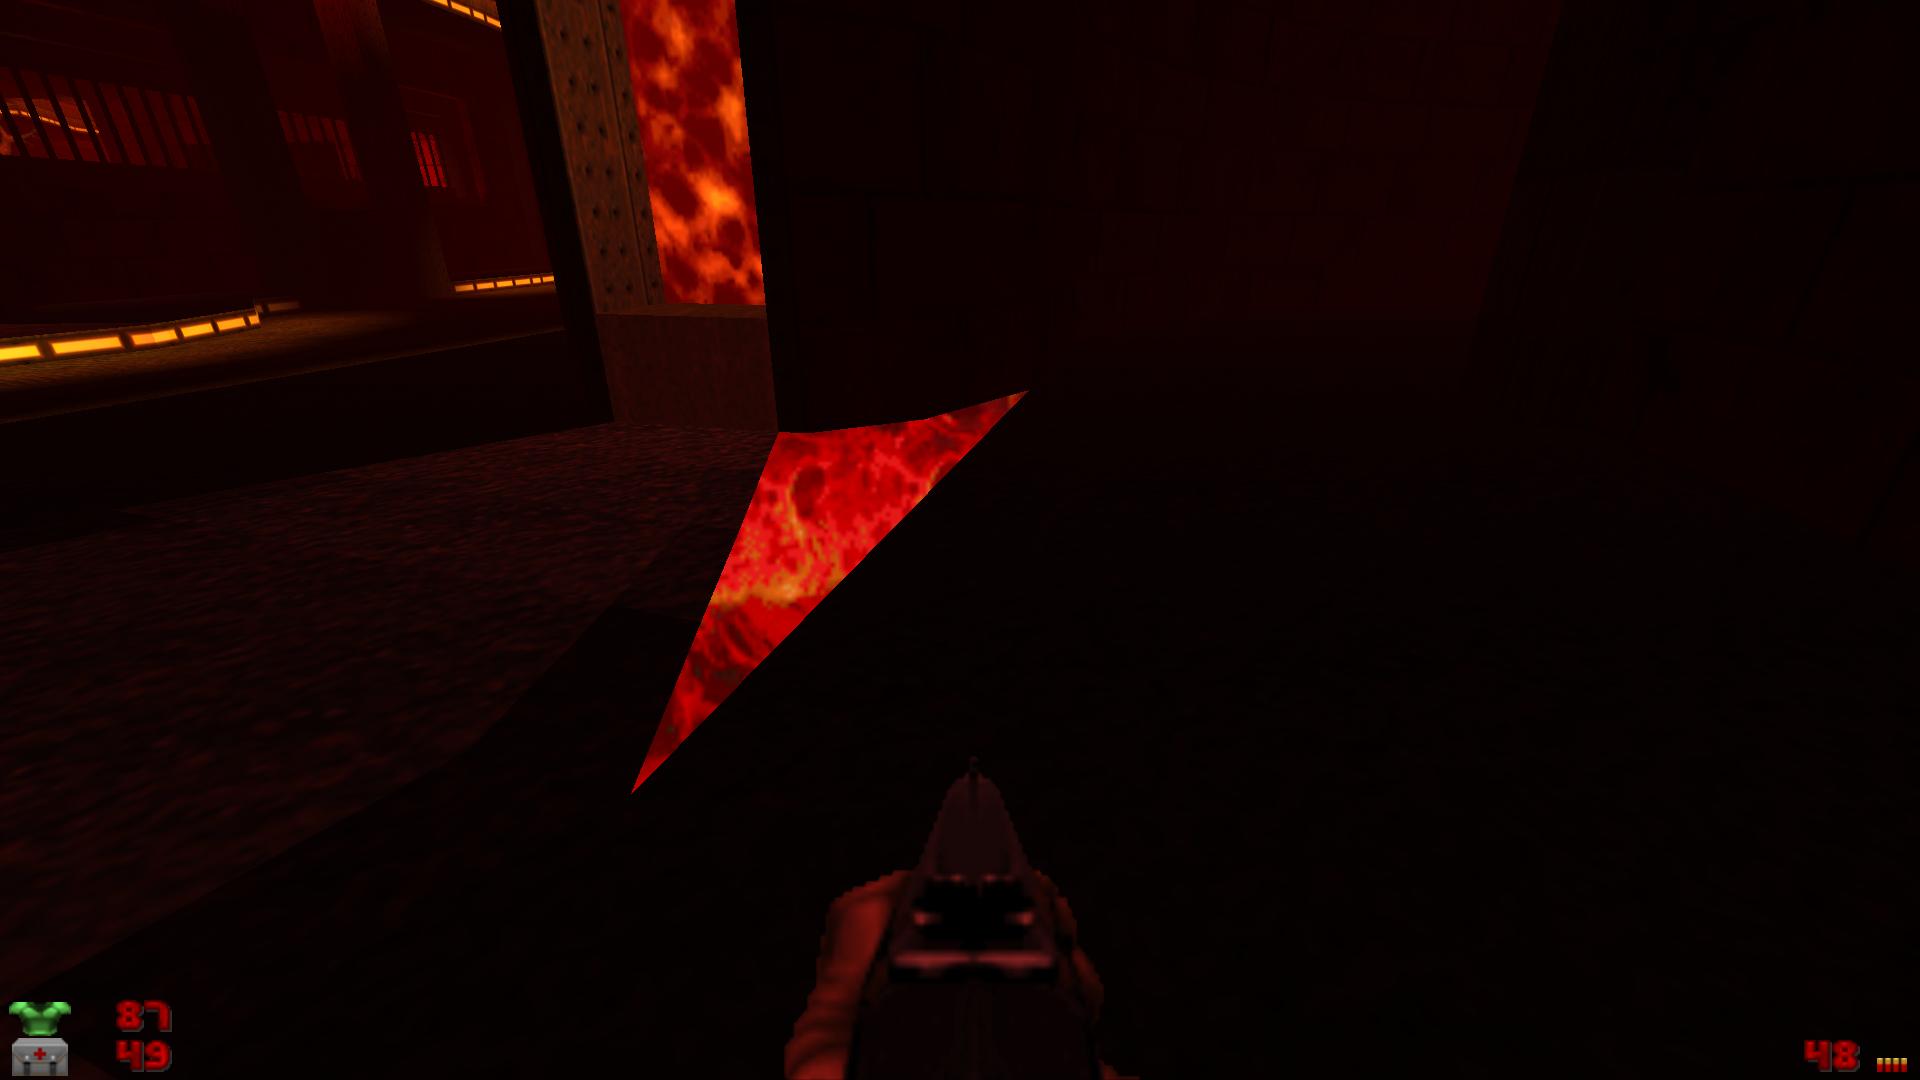 Screenshot_Doom_20190417_103831.png.2179611c36a5a7145d2a7a72efbd2601.png